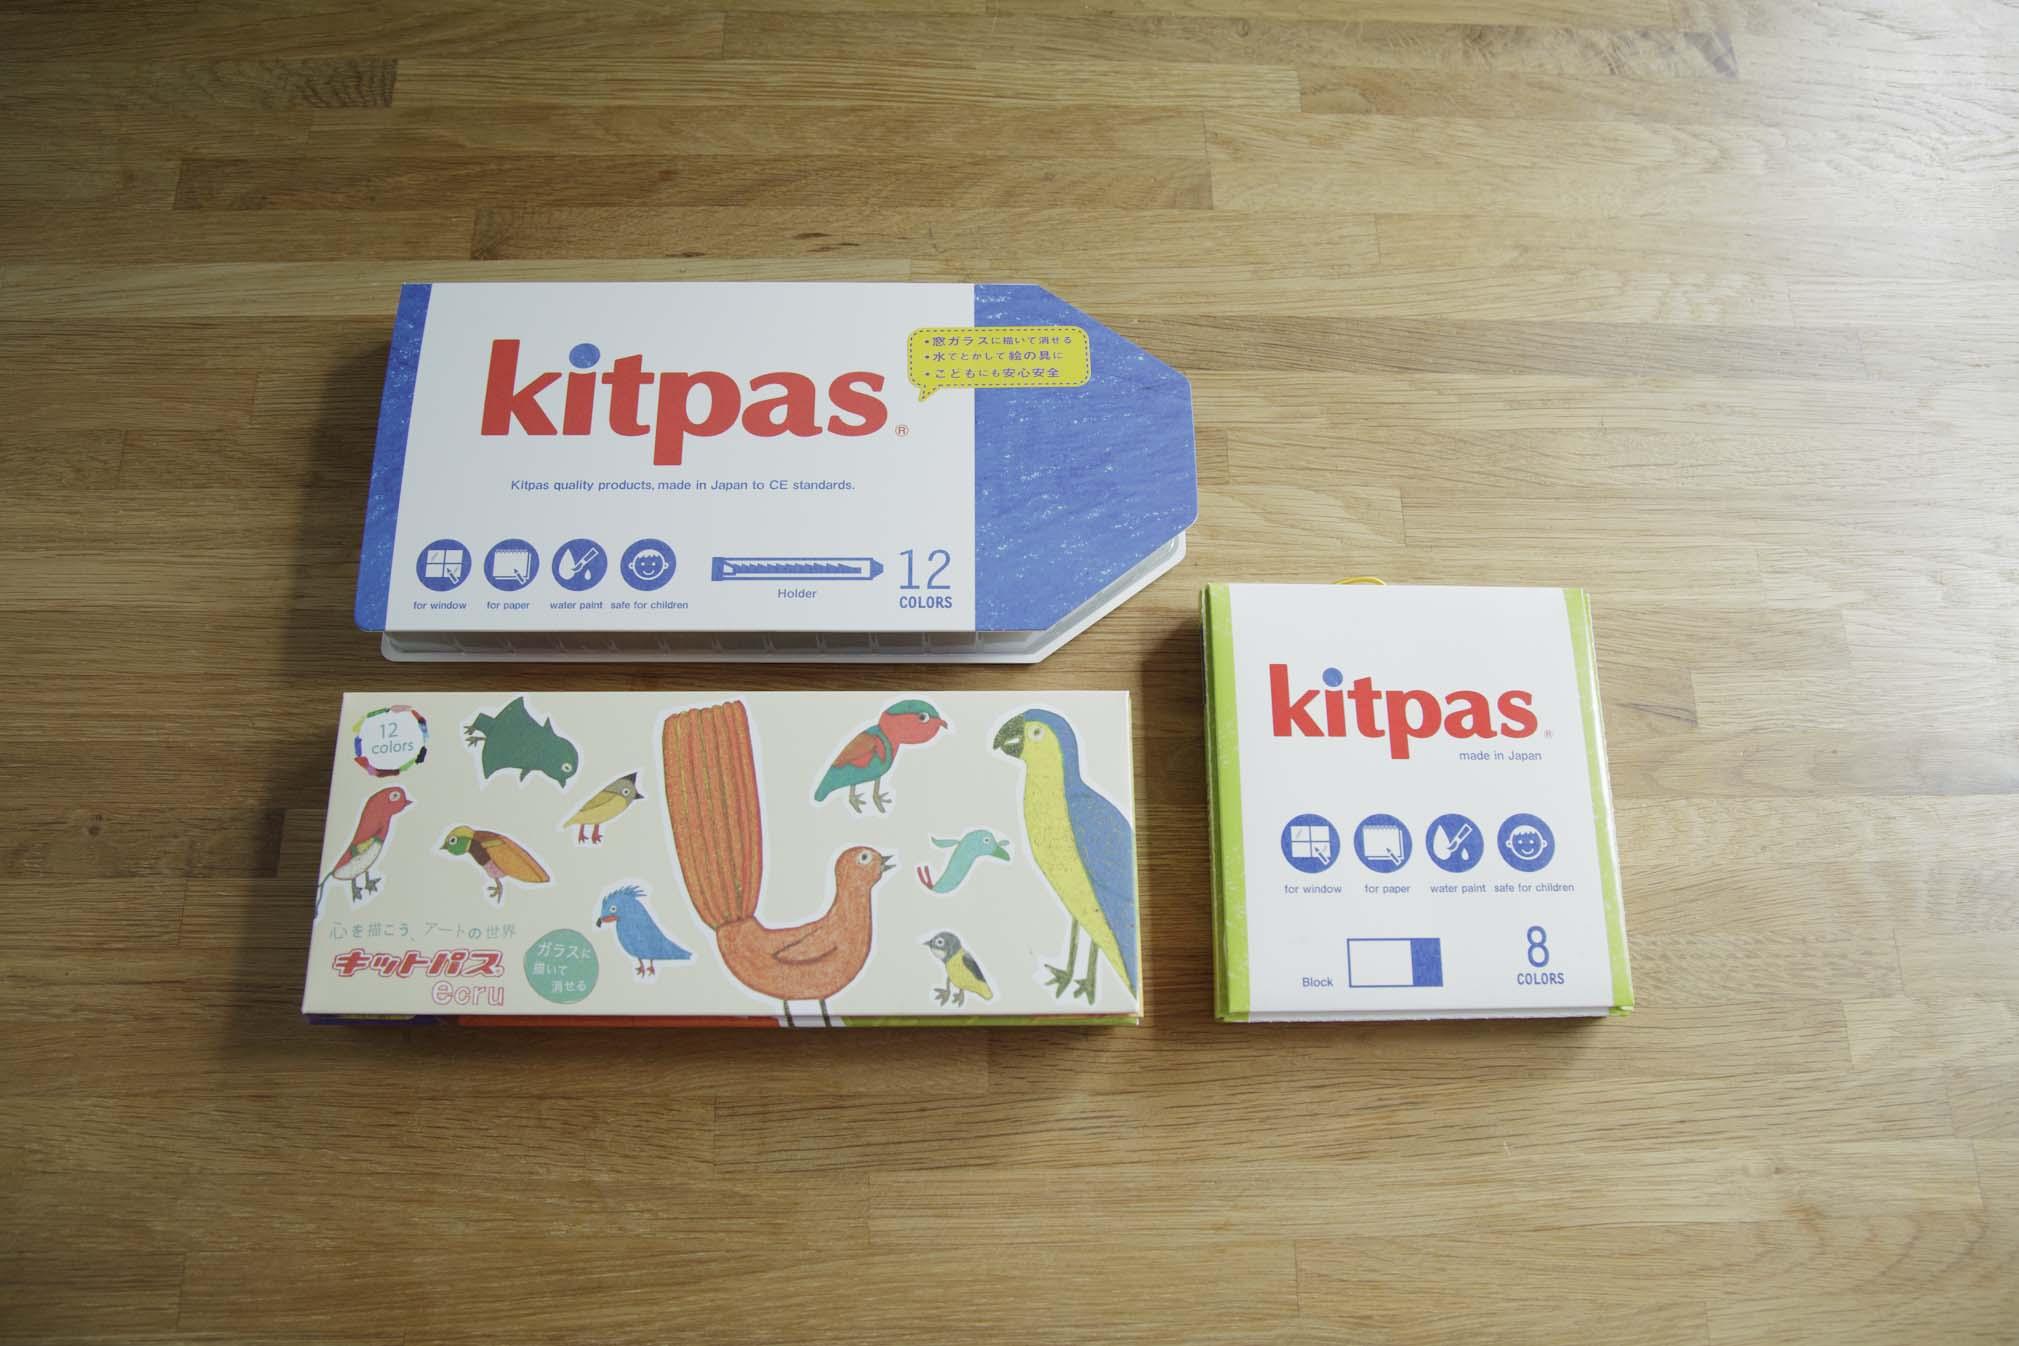 kit pass